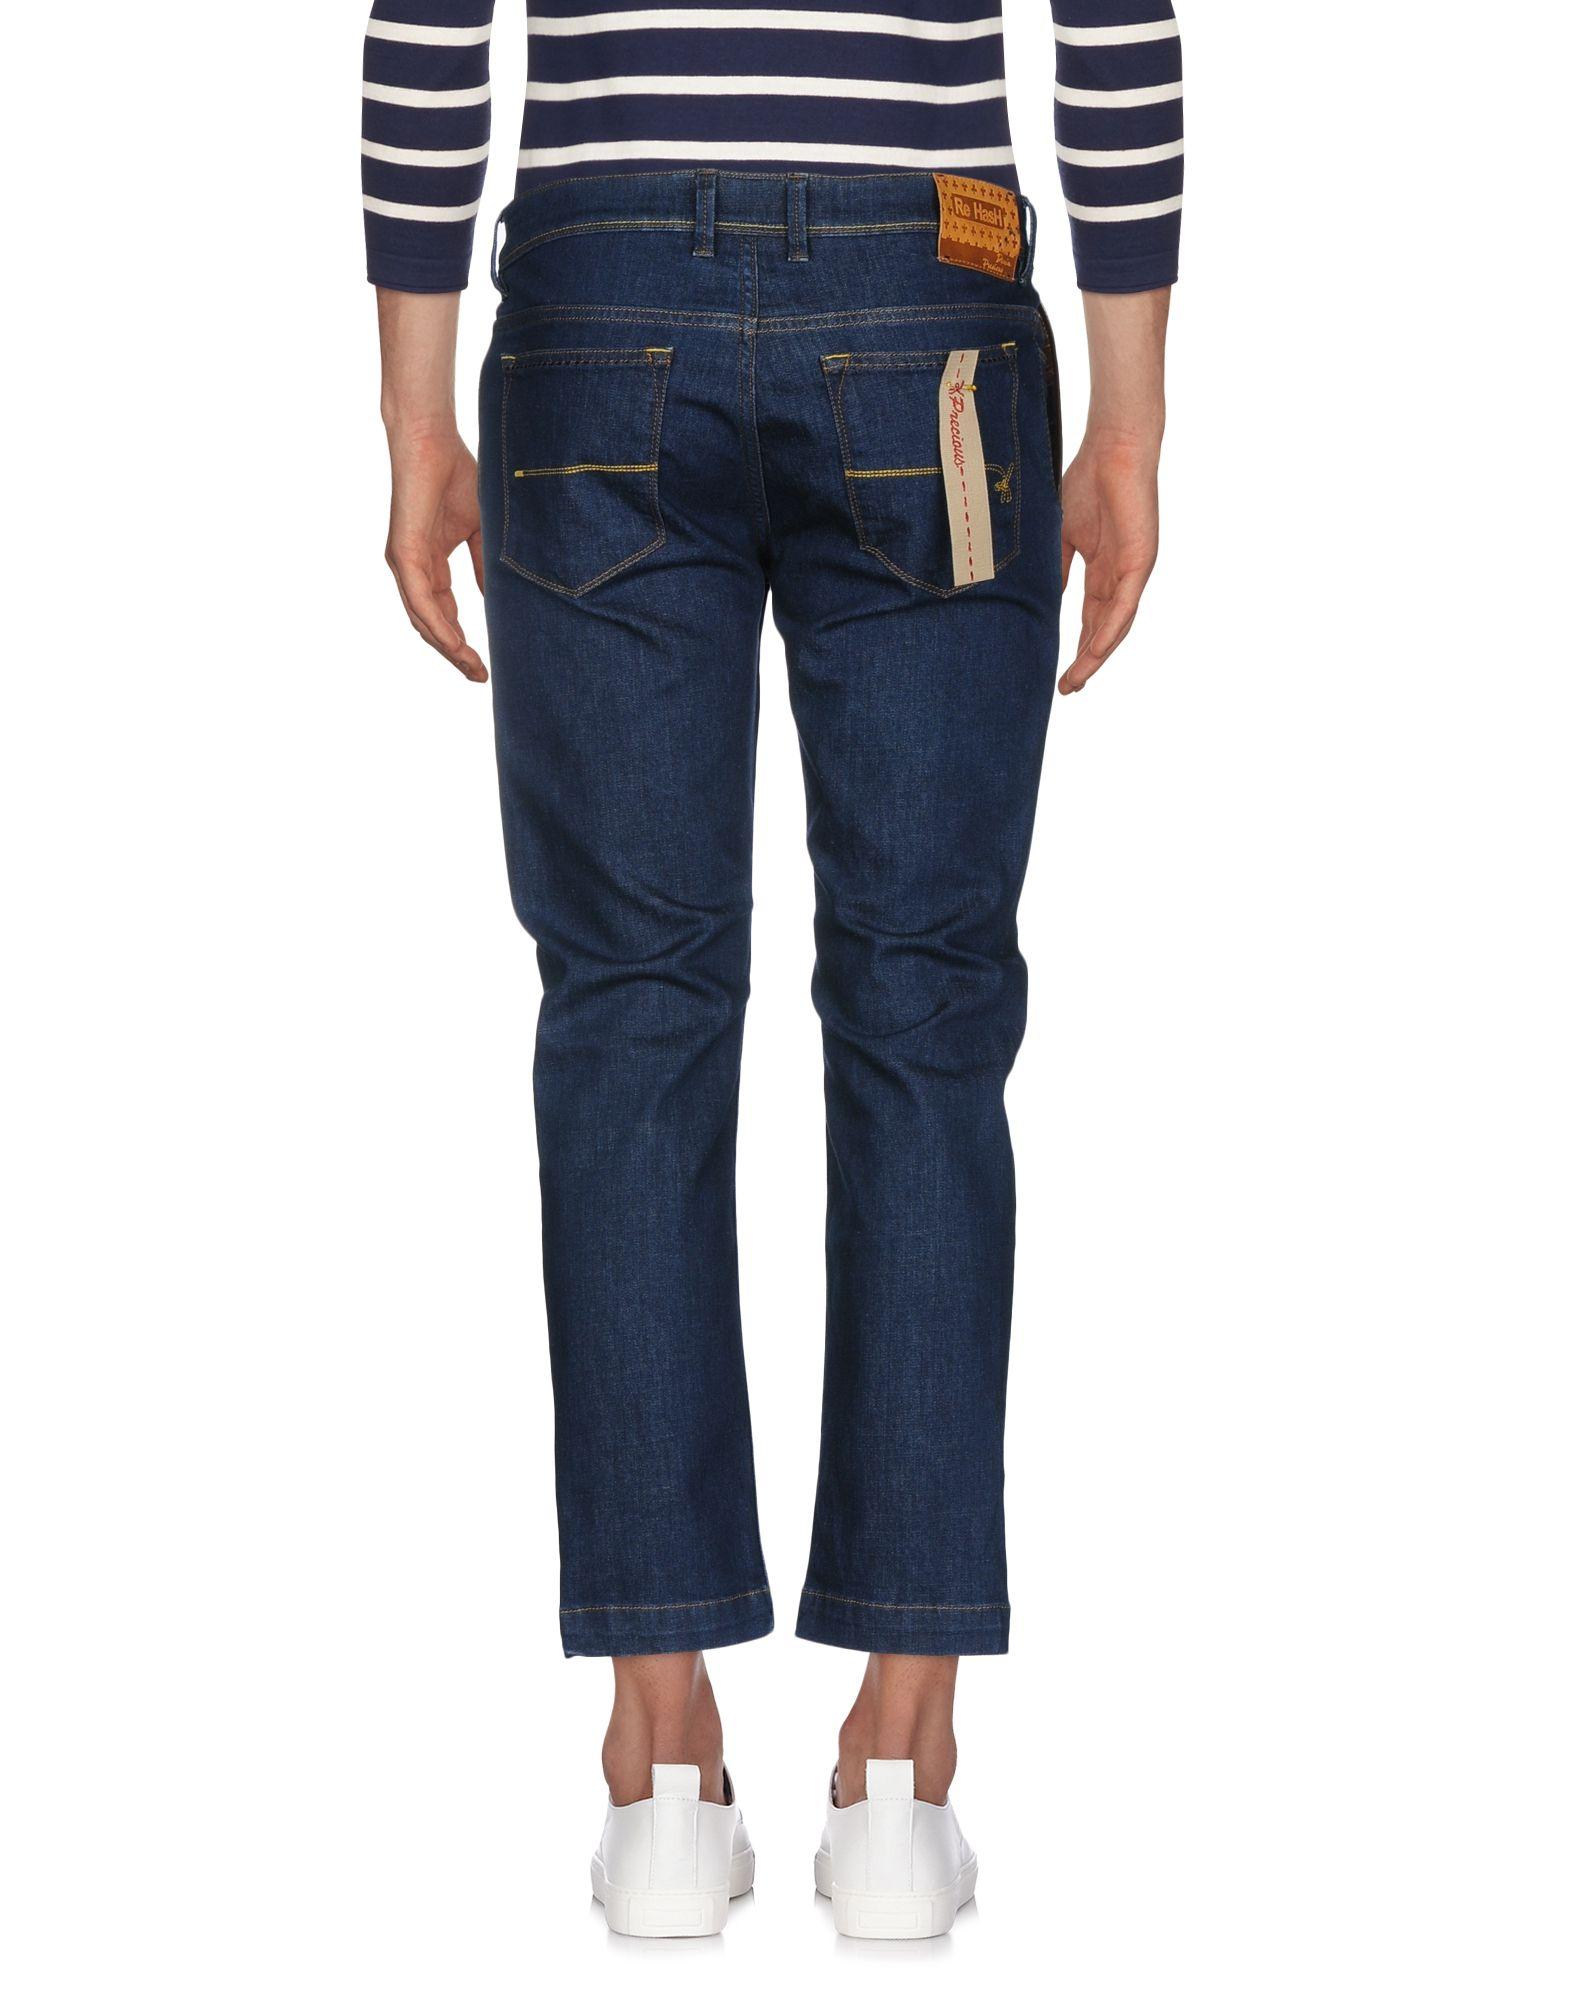 Pantaloni Pantaloni Pantaloni Jeans Re-Hash Uomo - 42662911LA 8c92ed